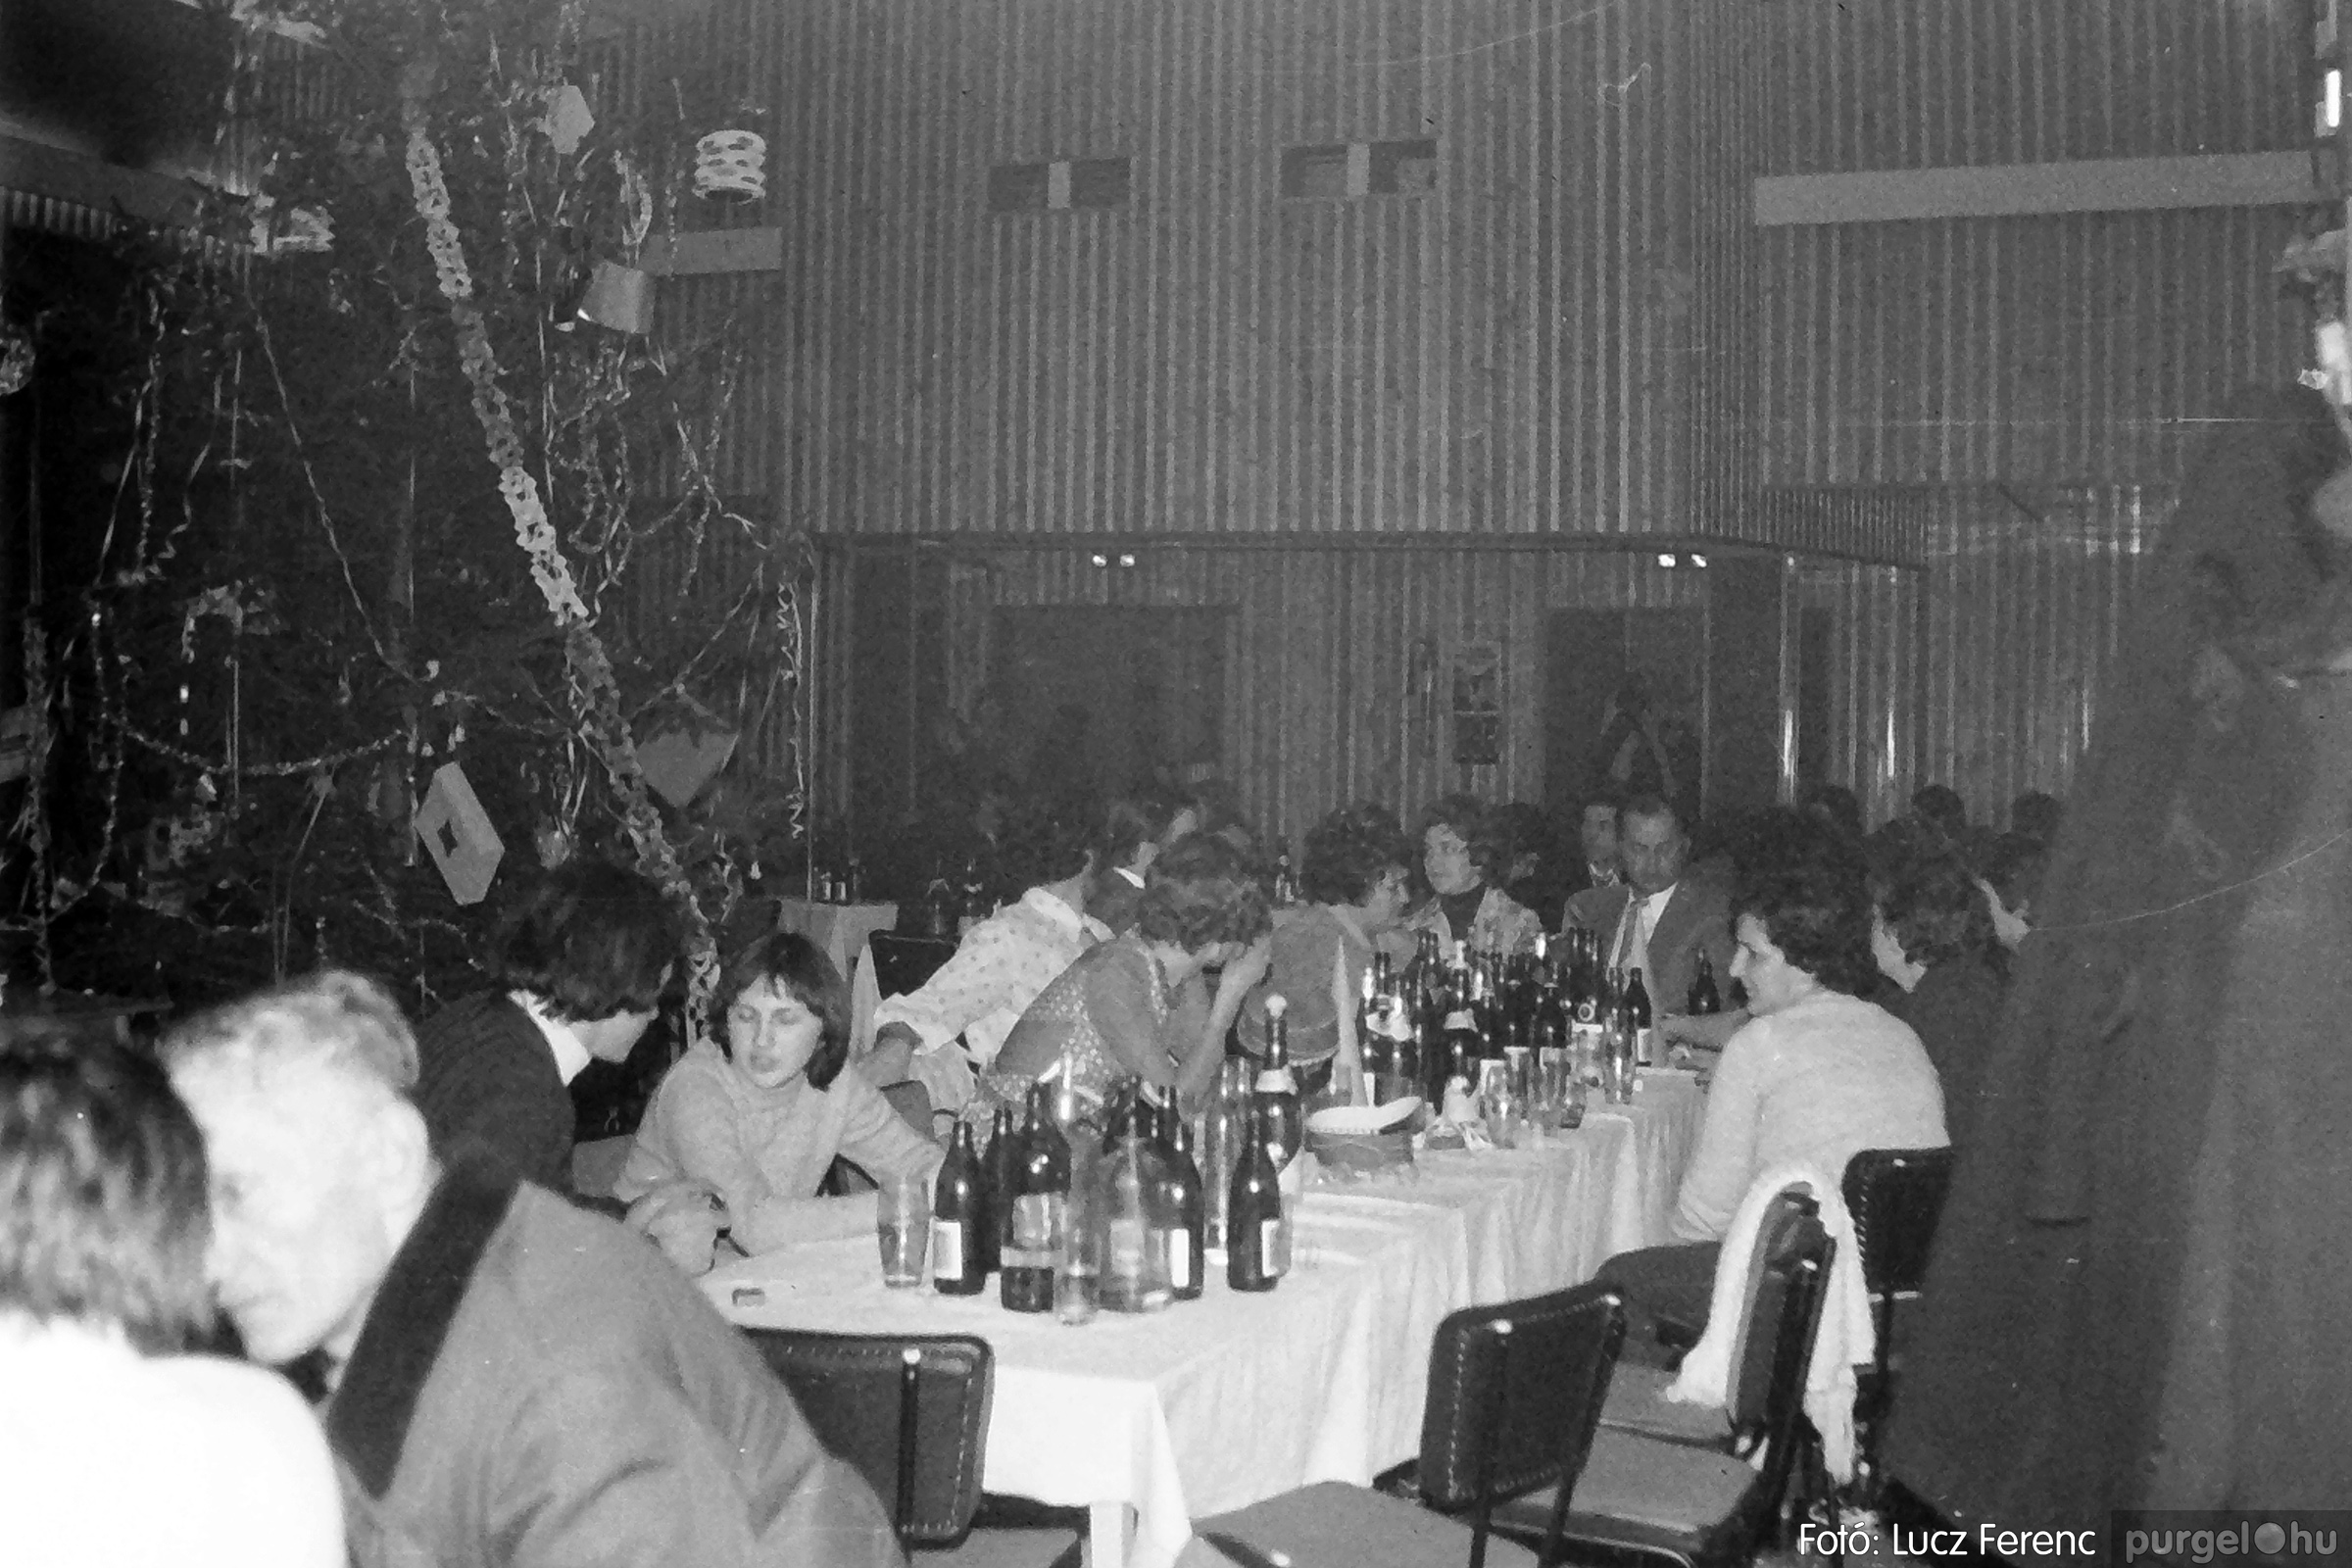 070. 1976.12.31. Szilveszter a kultúrházban 012. - Fotó: Lucz Ferenc.jpg